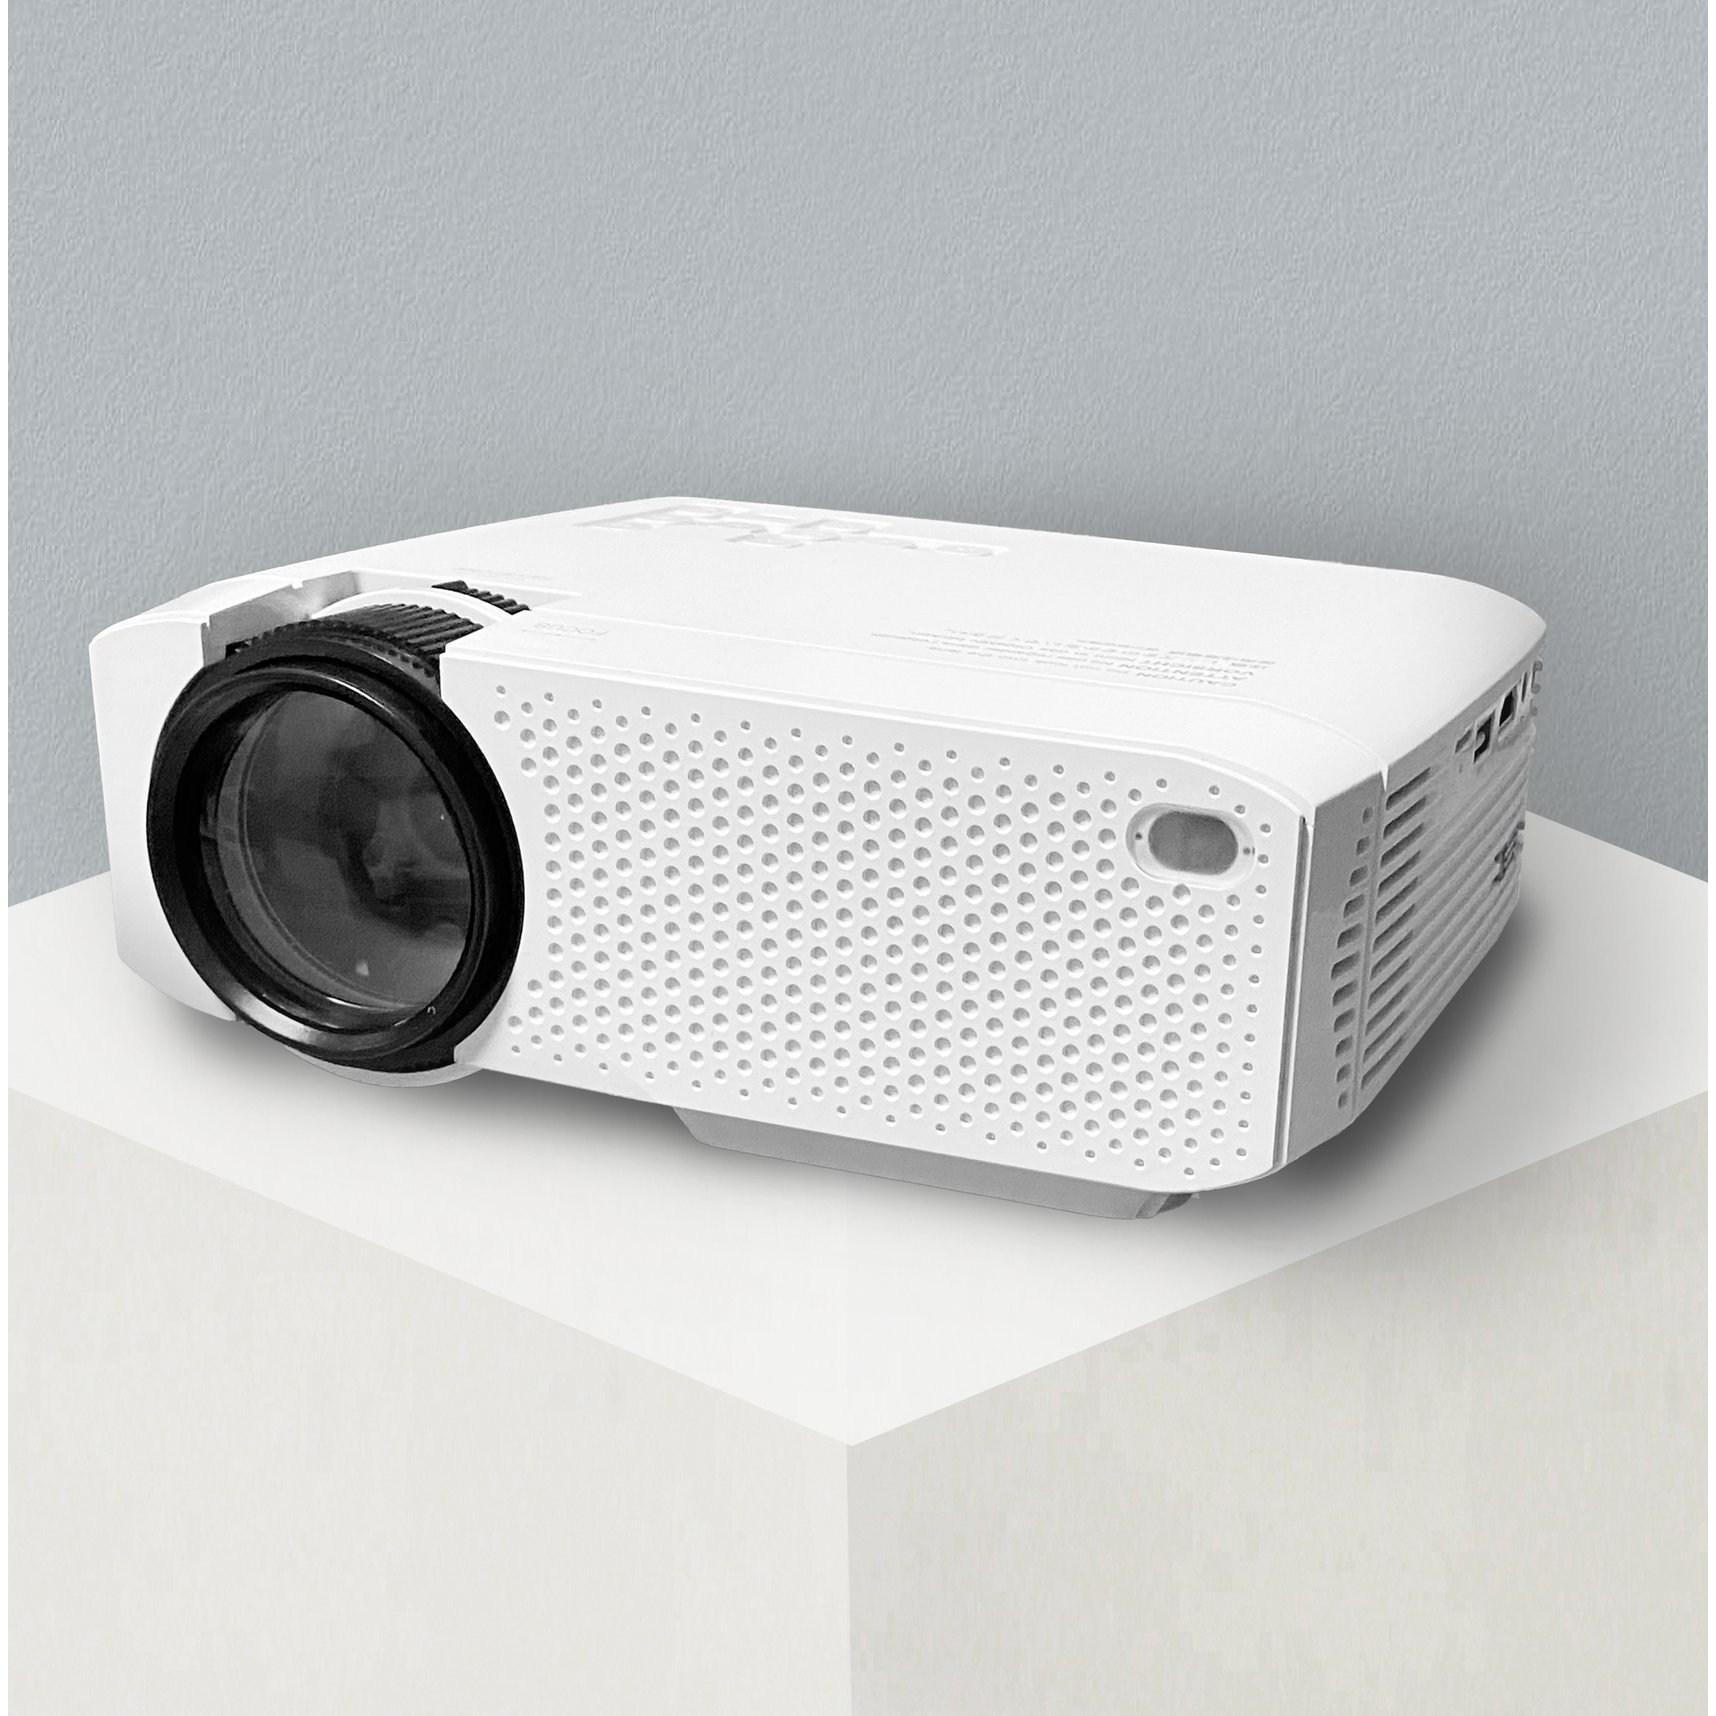 초간편 스마트빔 30초 프로젝터 르바타 E431W + 무선 마우스 + 무반사스크린 증정 / 넷플릭스 유튜브 5g WiFi 탑재